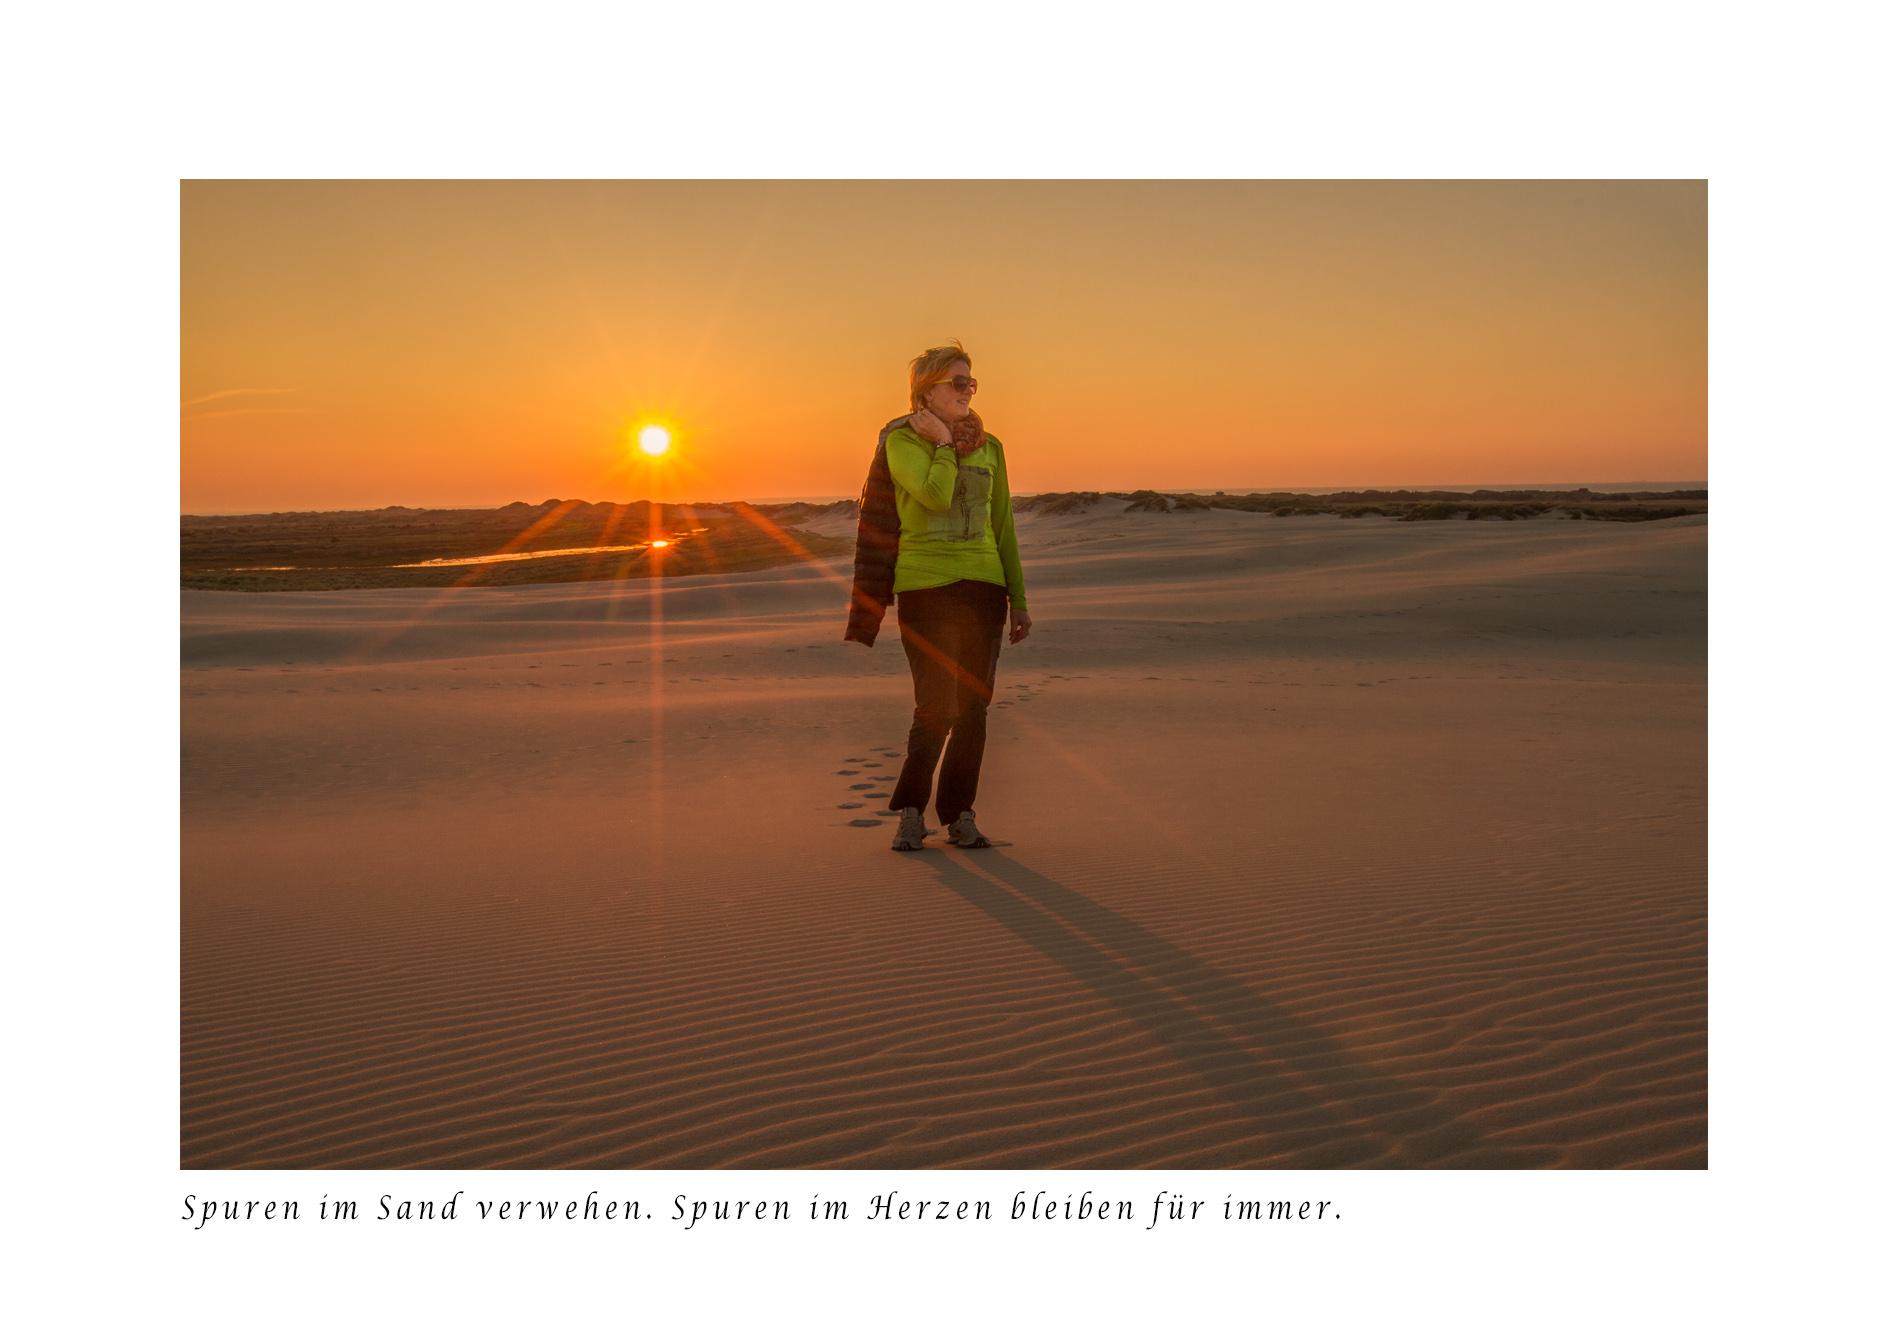 Marianne_Spuren im Sand